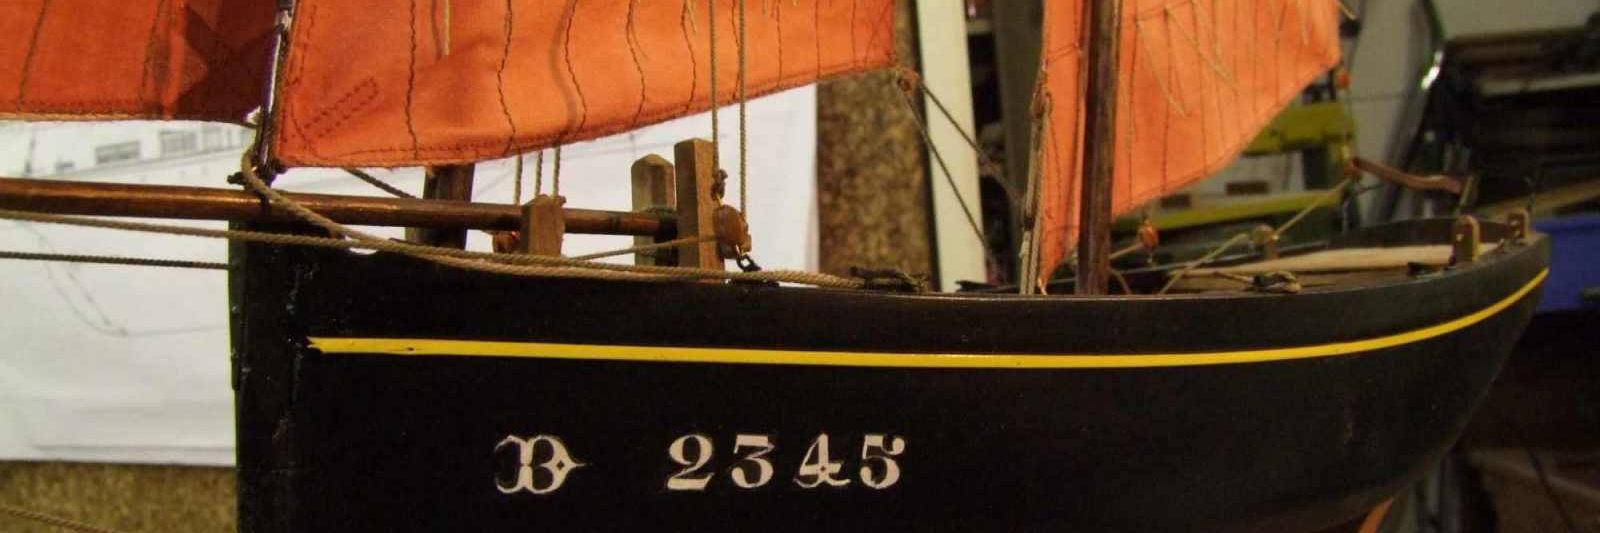 Maquette de bateau Canot sardinier de Douarnenez Bateau de pêche ancien à voile